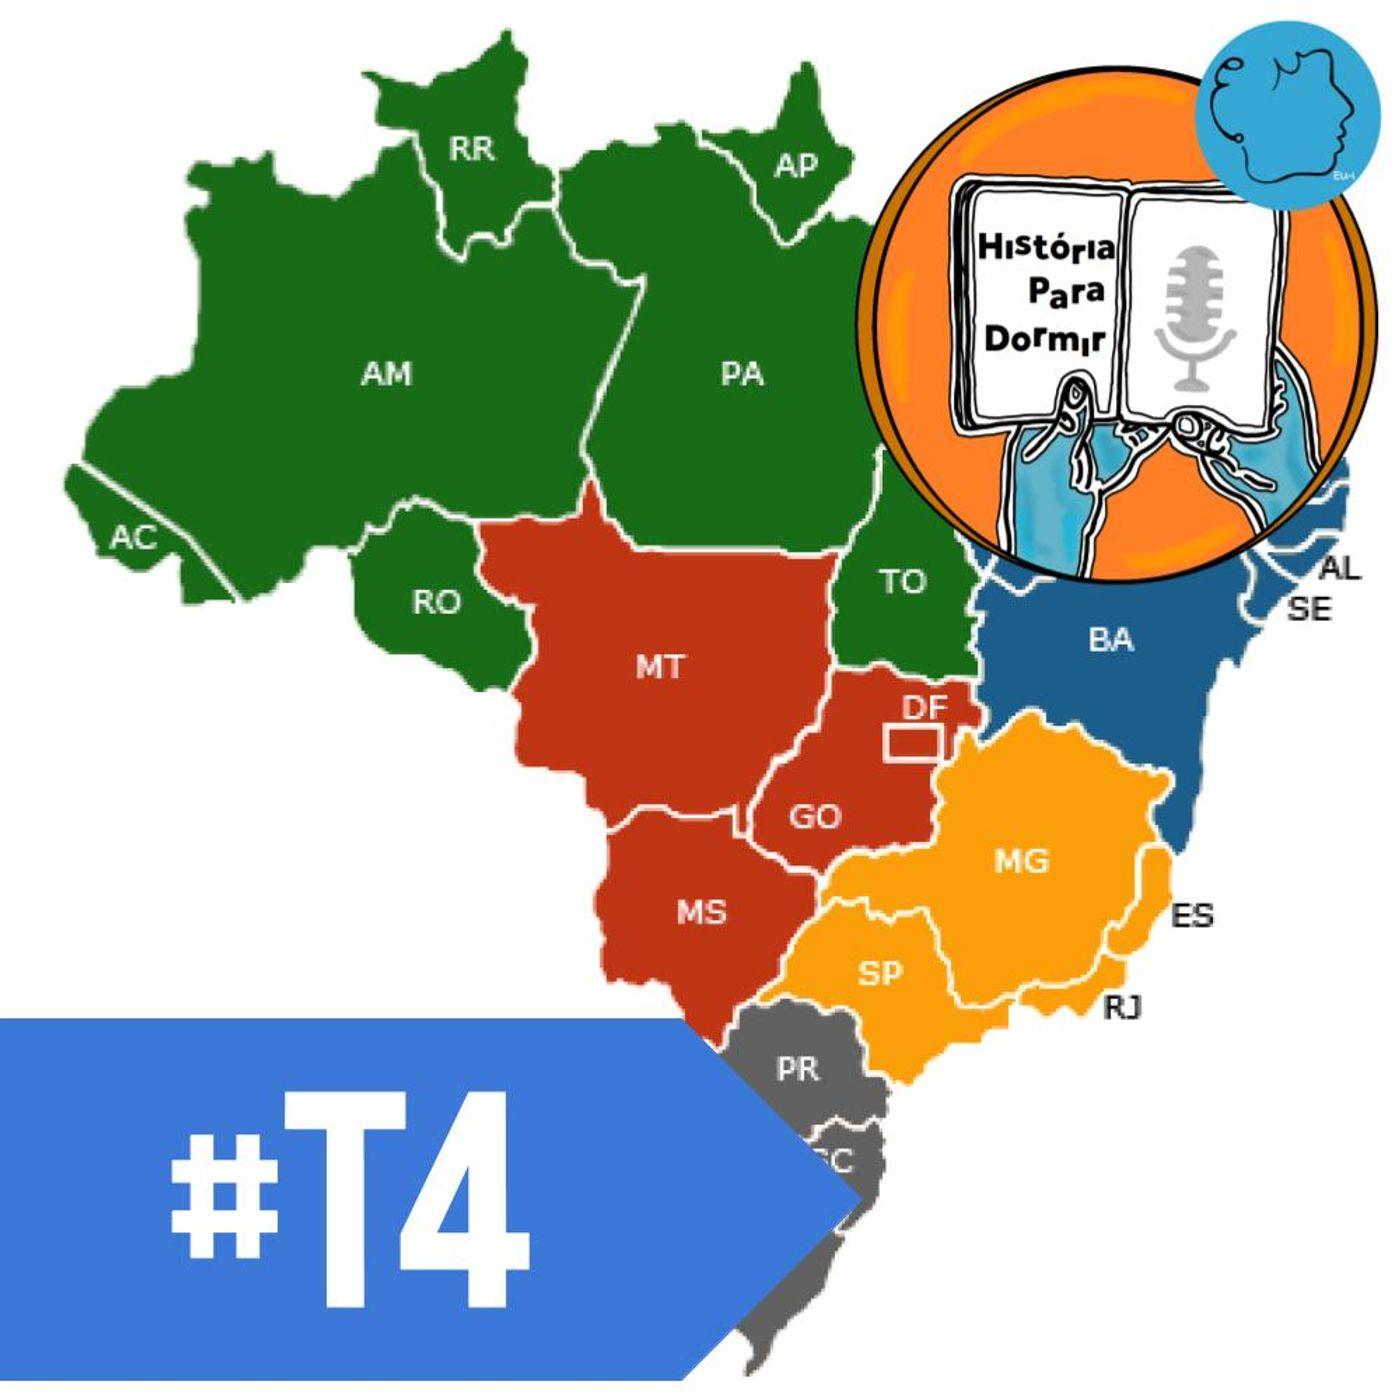 [T4 #Trailer] Folclore Brasileiro